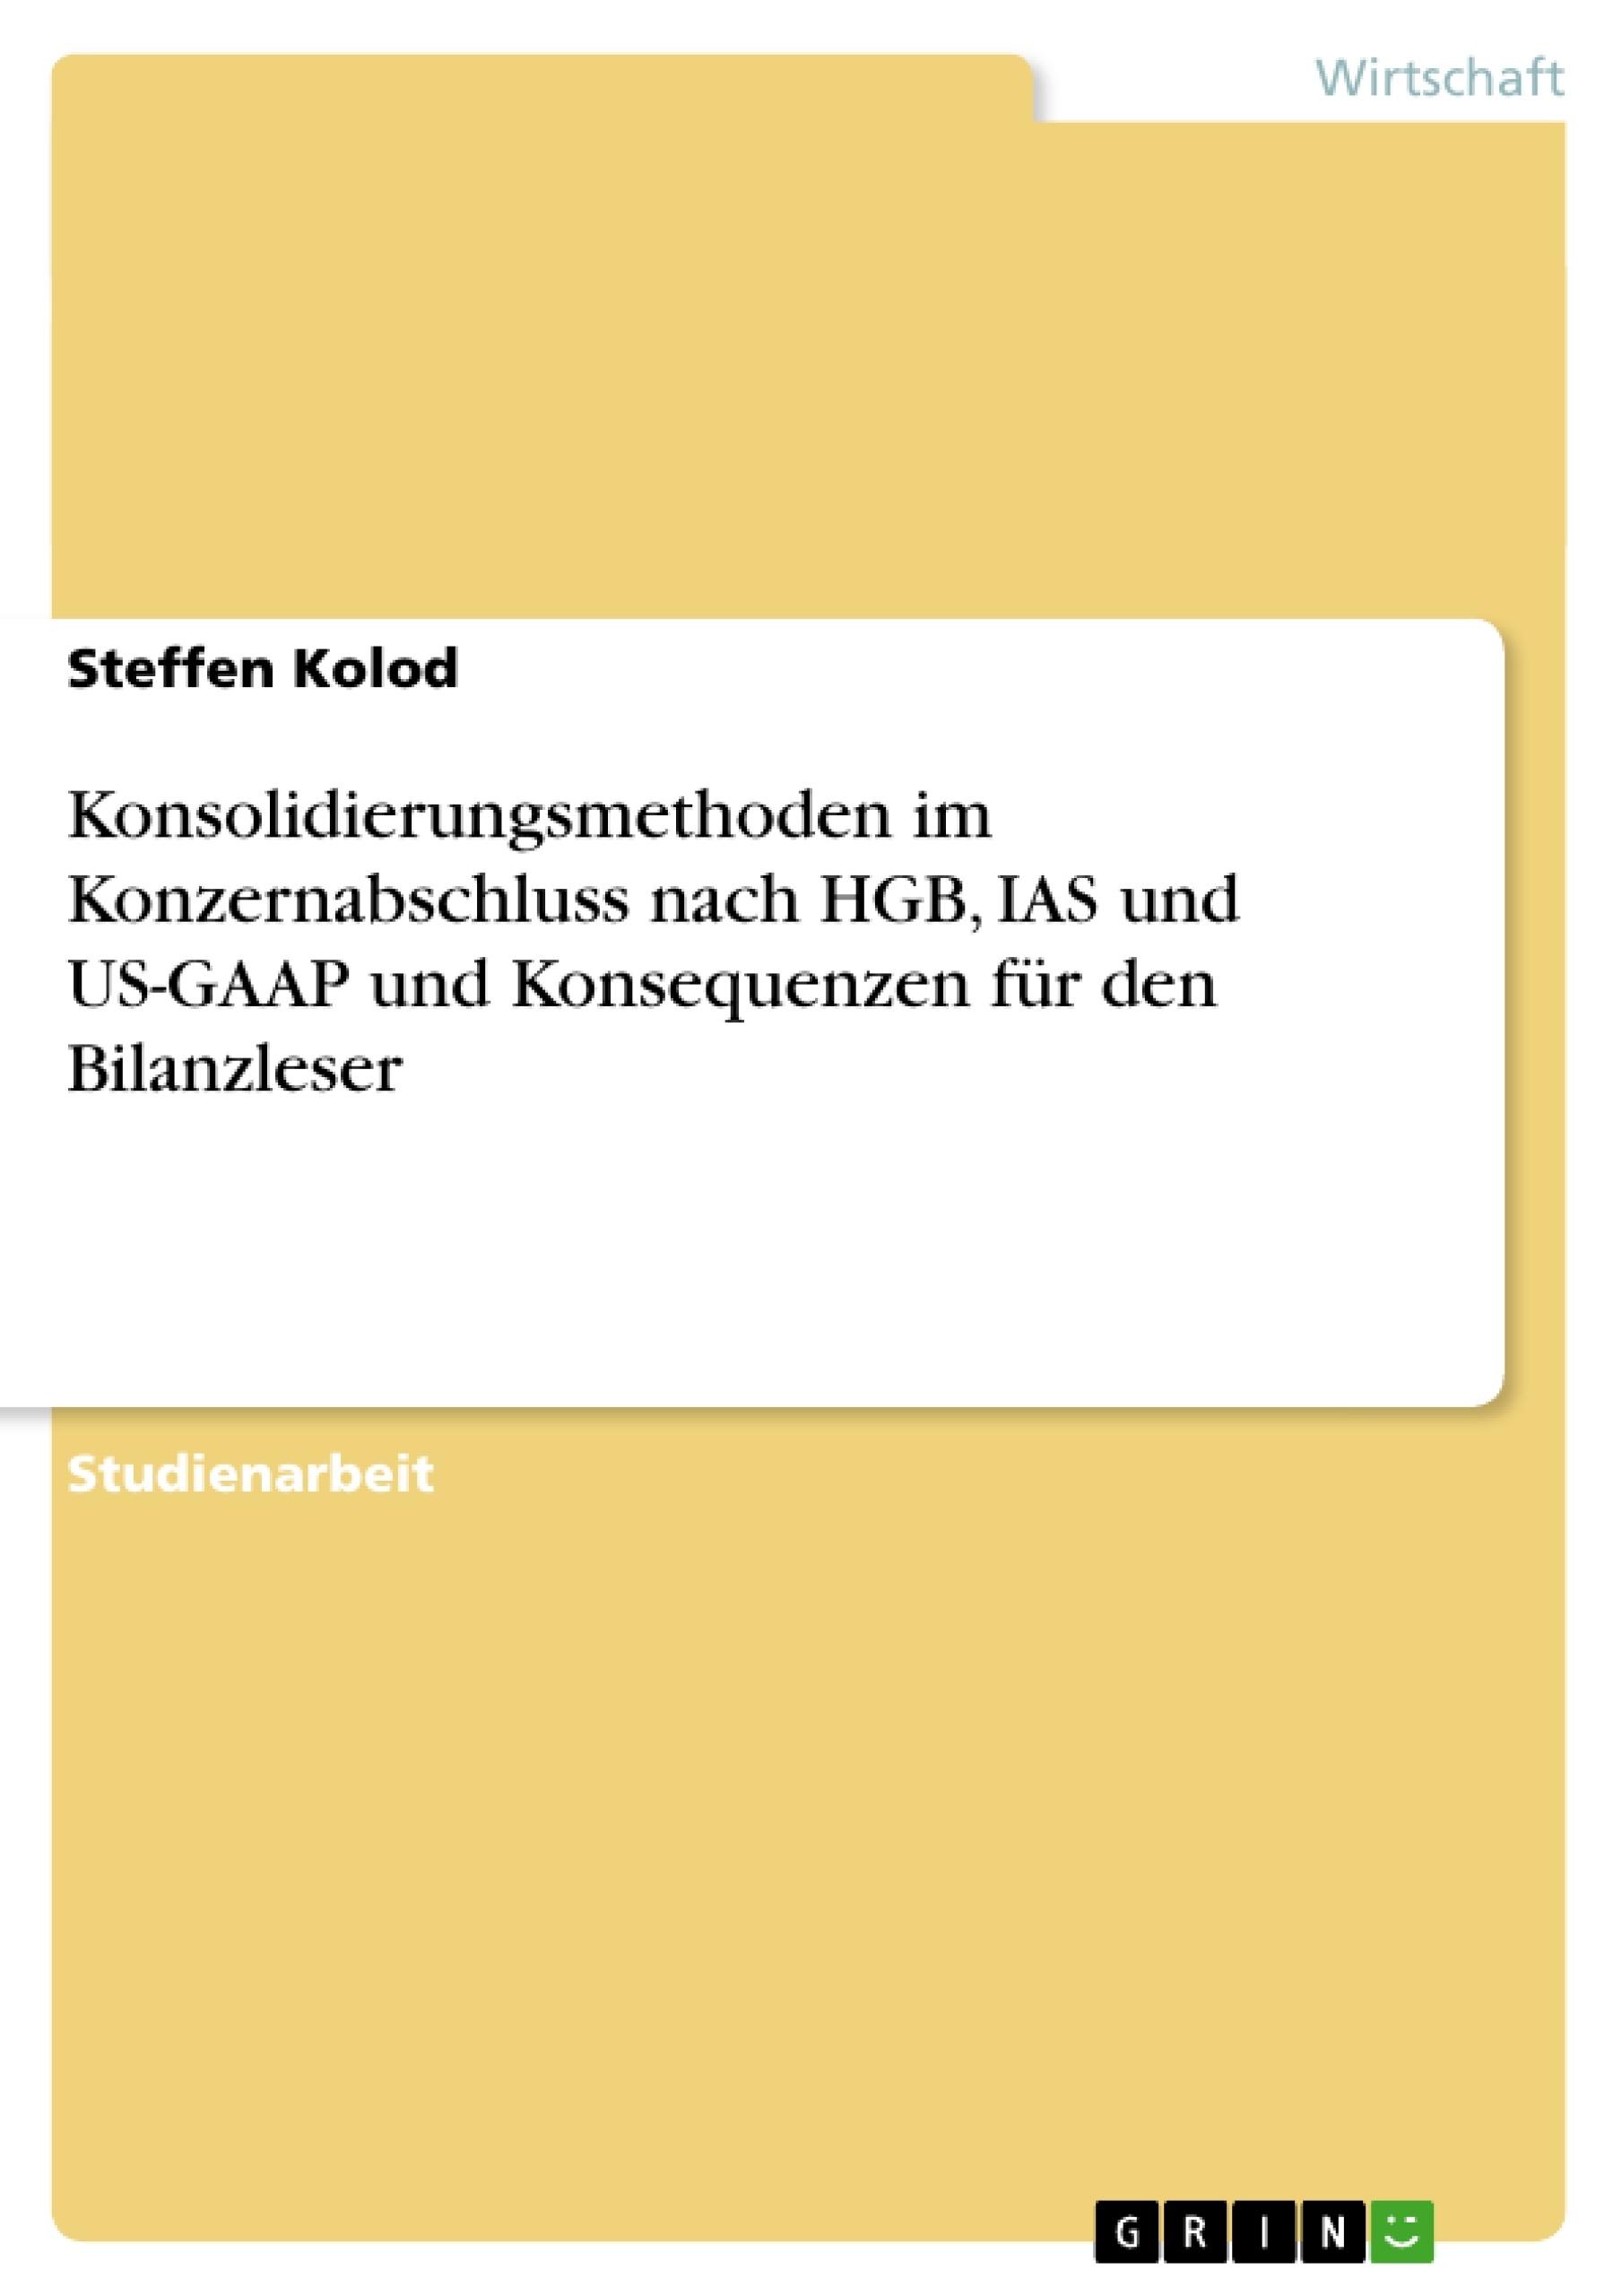 Titel: Konsolidierungsmethoden im Konzernabschluss nach HGB, IAS und US-GAAP und Konsequenzen für den Bilanzleser